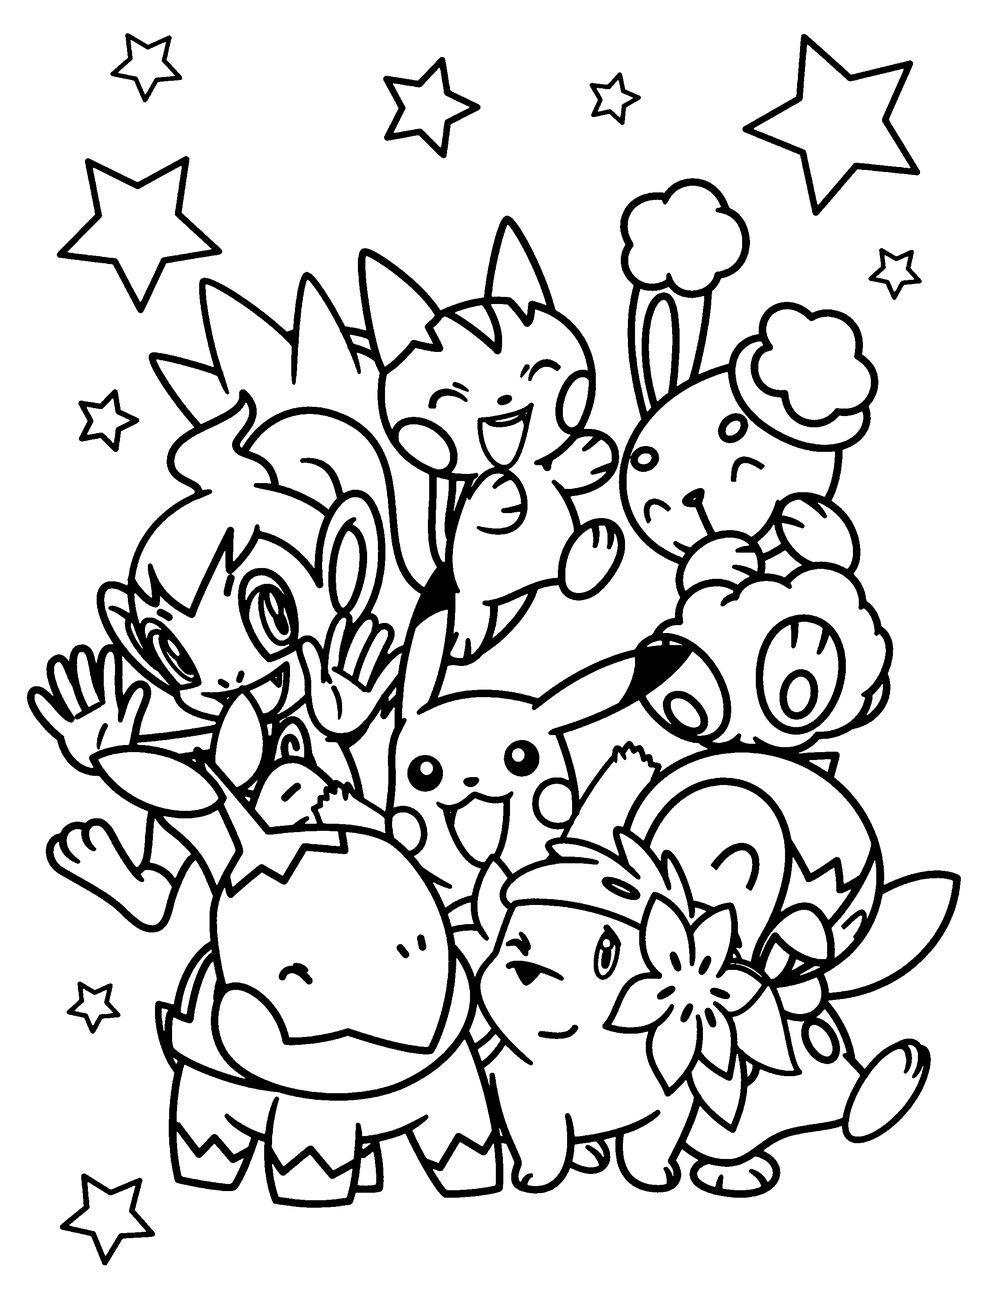 無料の印刷用ぬりえページ 100 ピカチュウ ぬりえ In 2020 Pokemon Coloring Sheets Pokemon Coloring Pages Pokemon Coloring